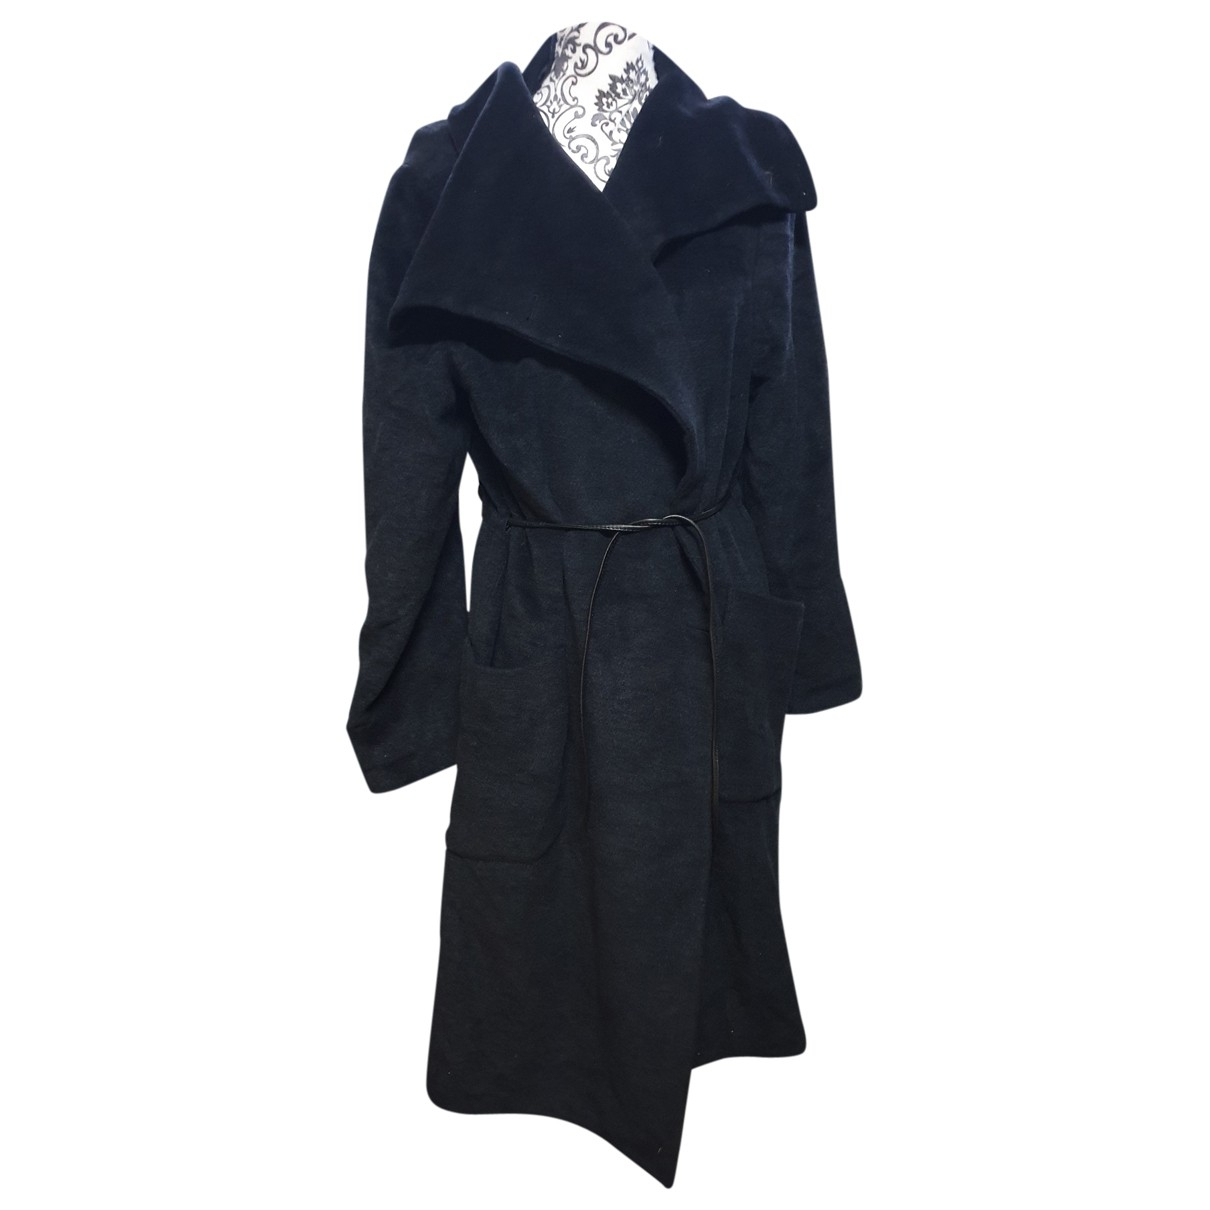 Irene Van Ryb - Manteau   pour femme en laine - noir